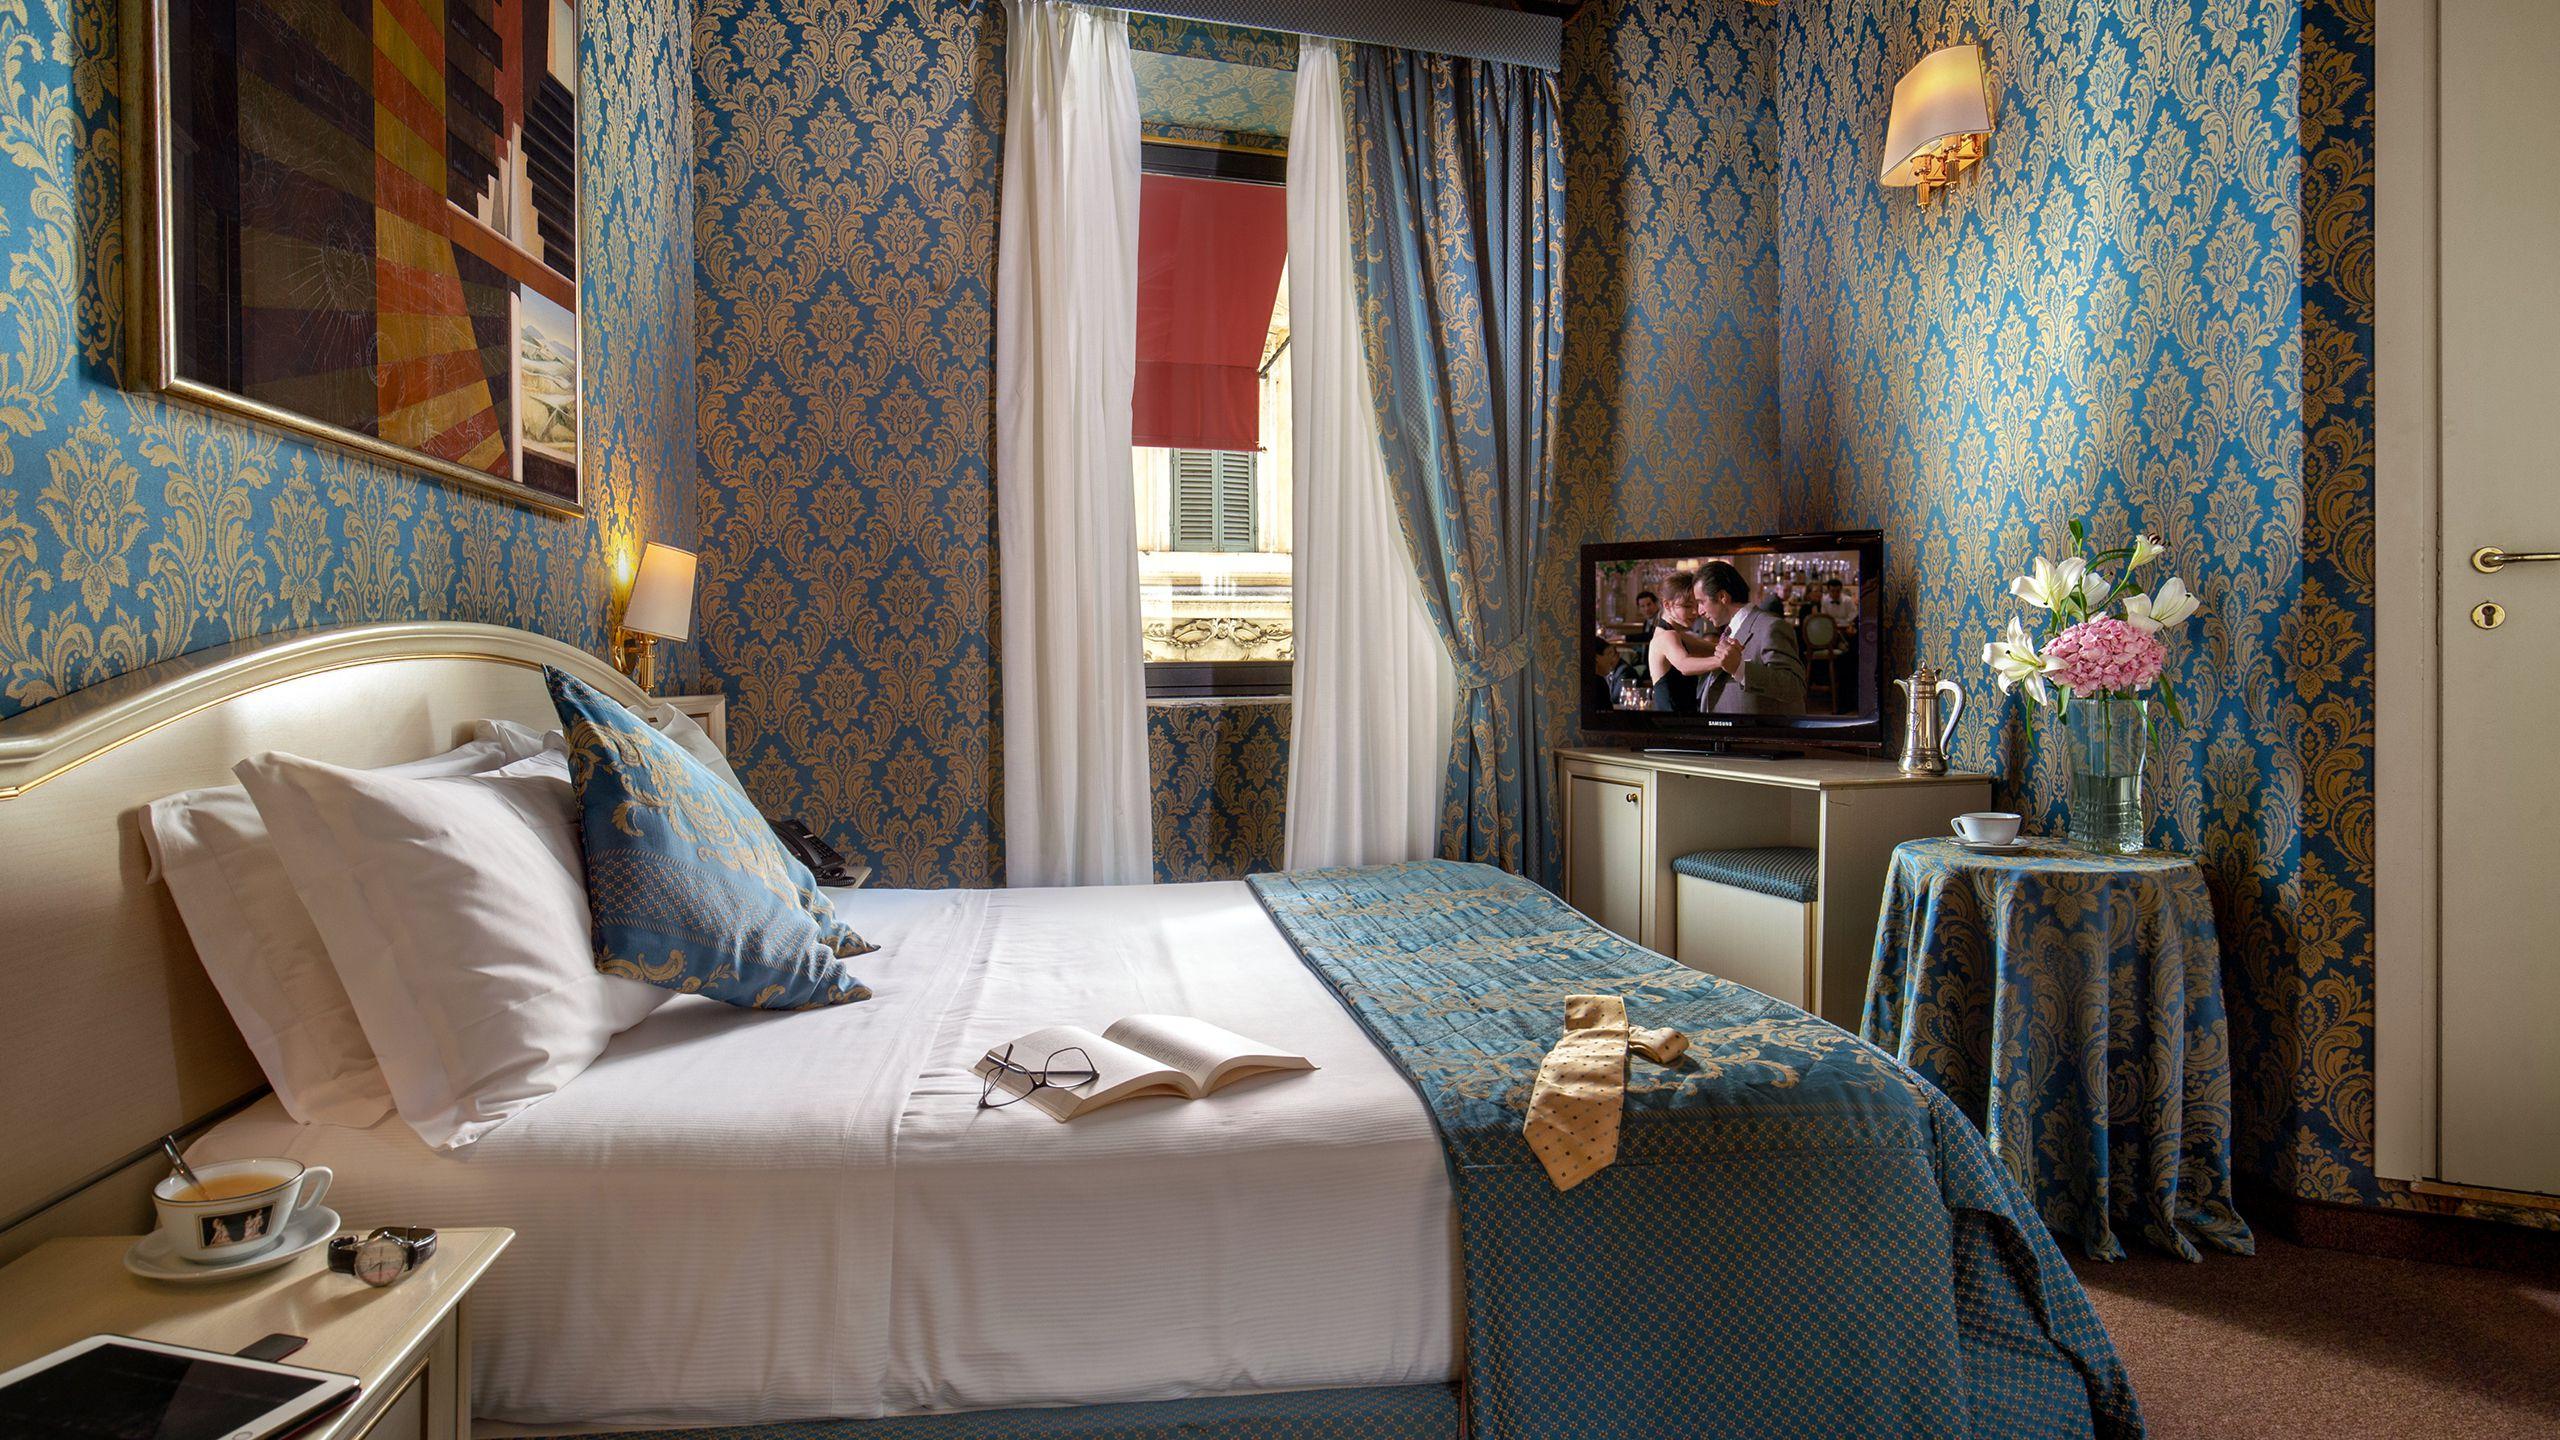 Residenza-Canova-Tadolini-Rome-671500